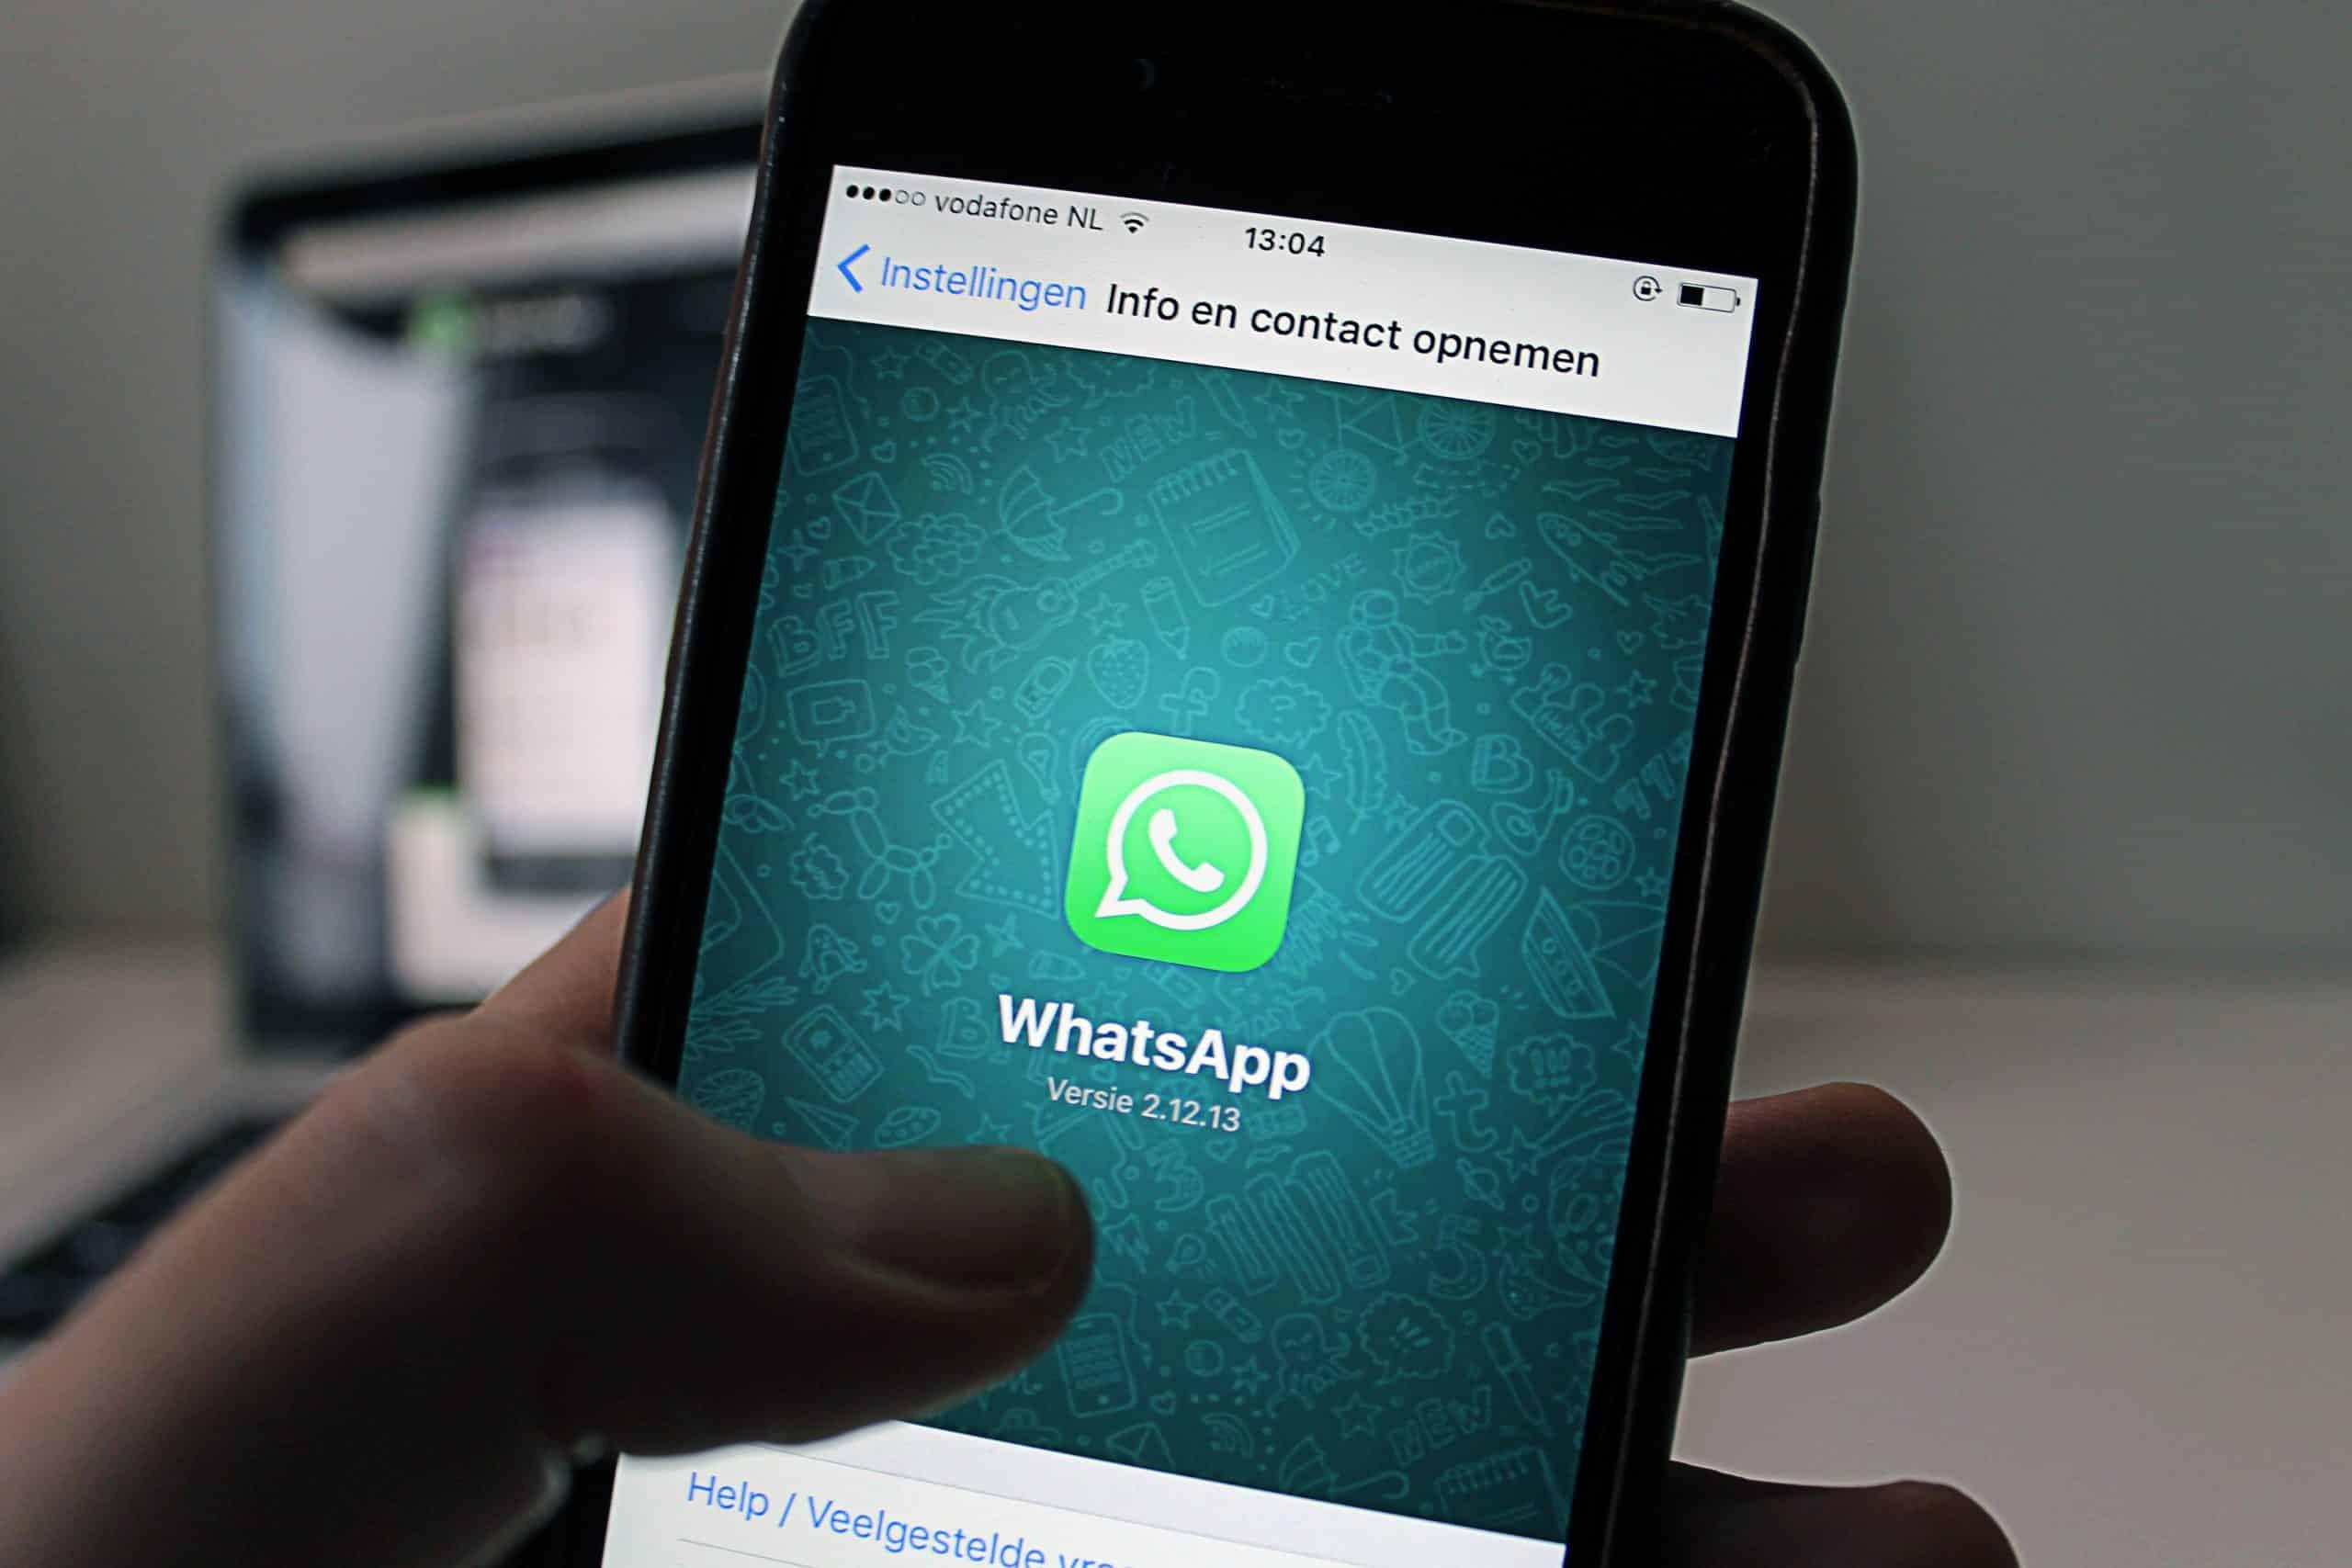 Une personne tient un smartphone sur lequel s'affiche le logo de WhatsApp.